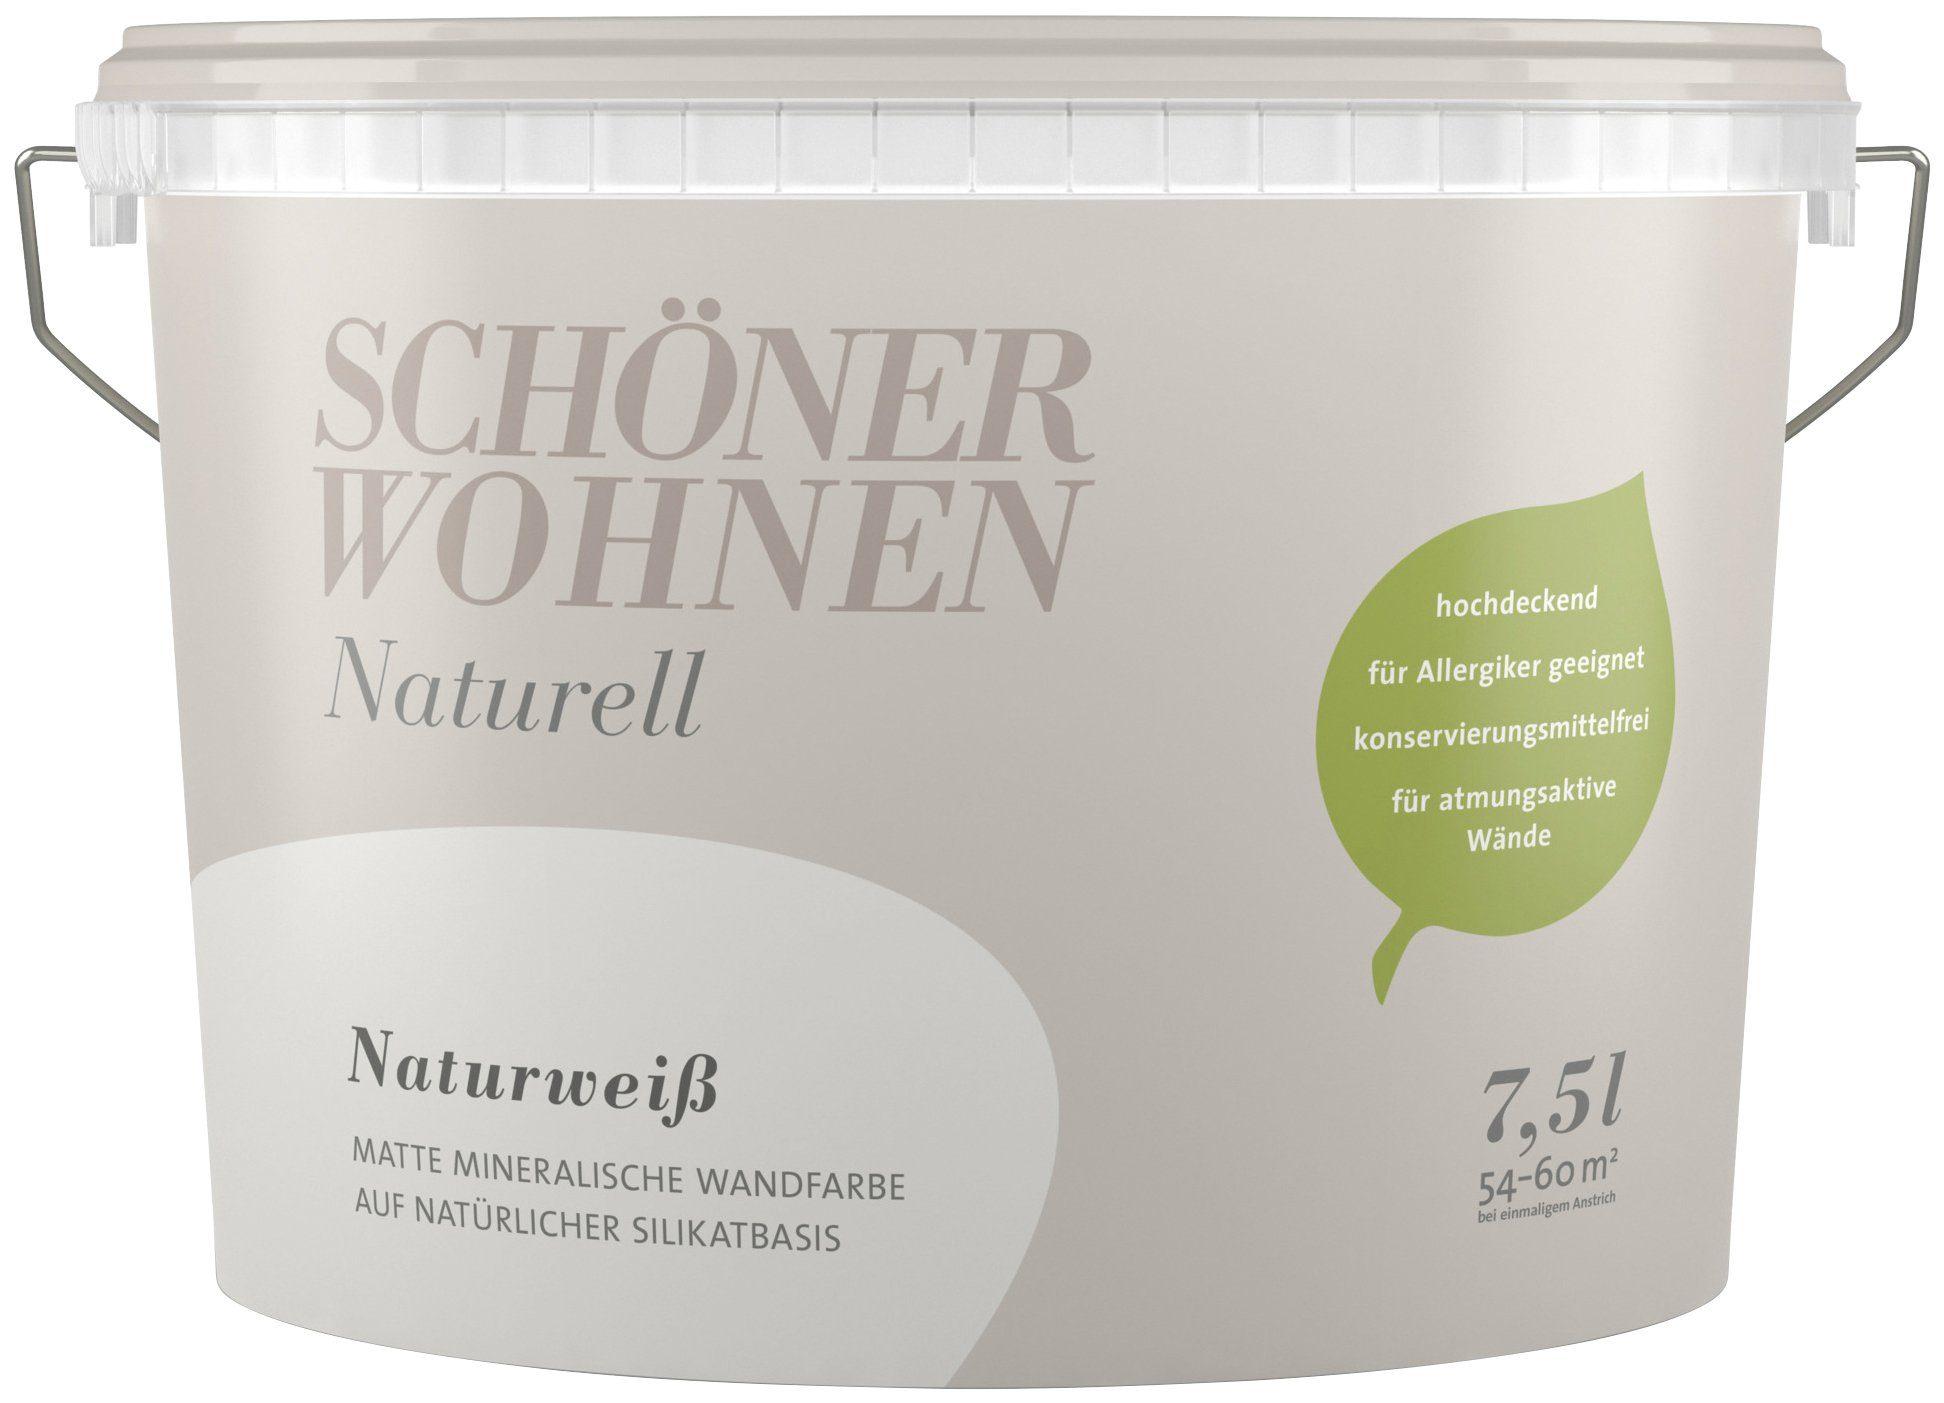 SCHÖNER WOHNEN FARBE Wand- und Deckenfarbe »Naturell Naturweiß«, 7,5 l